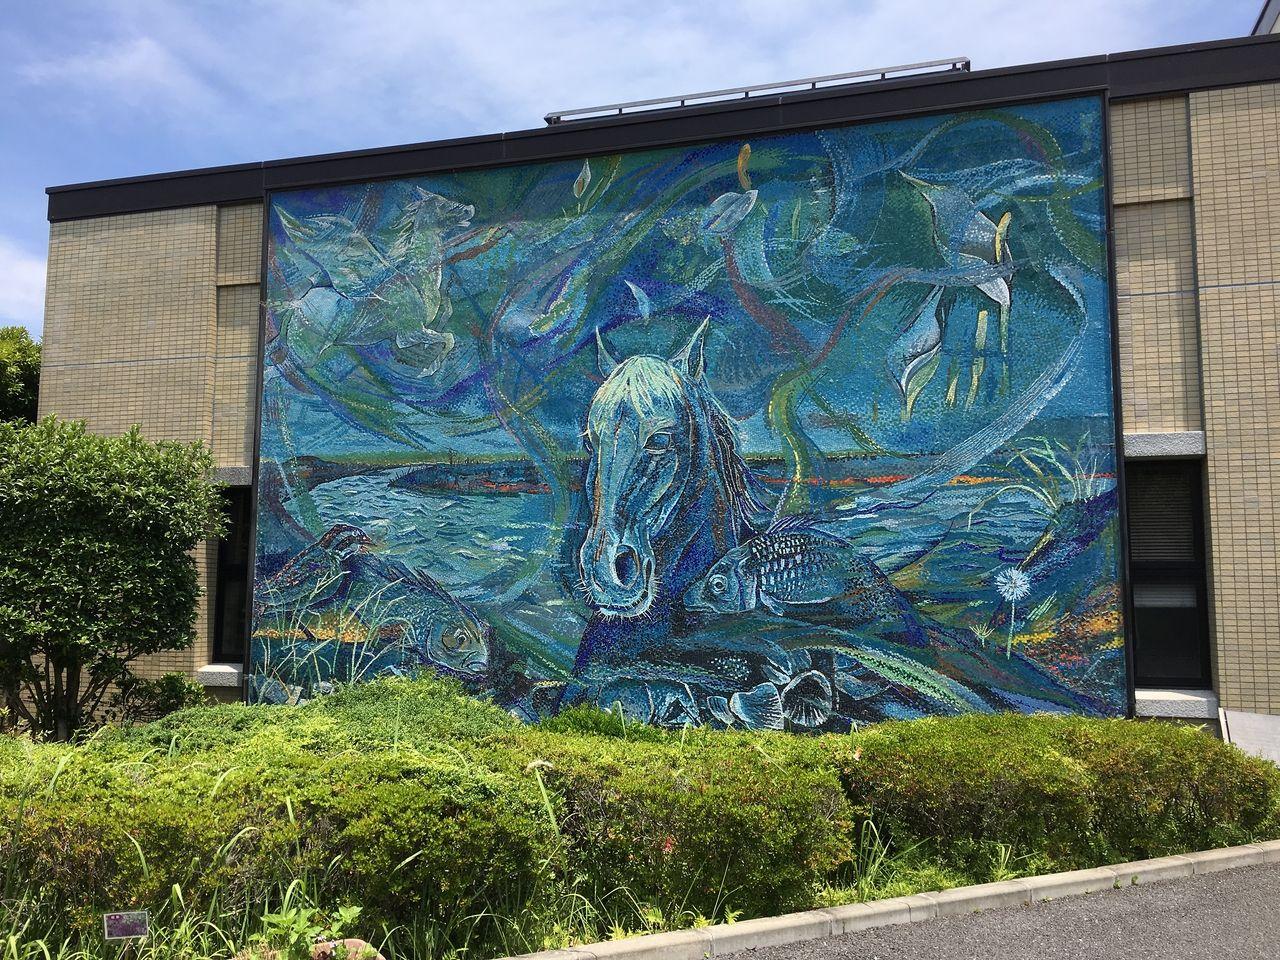 東区役所秋津出張所にある迫力ある壁画